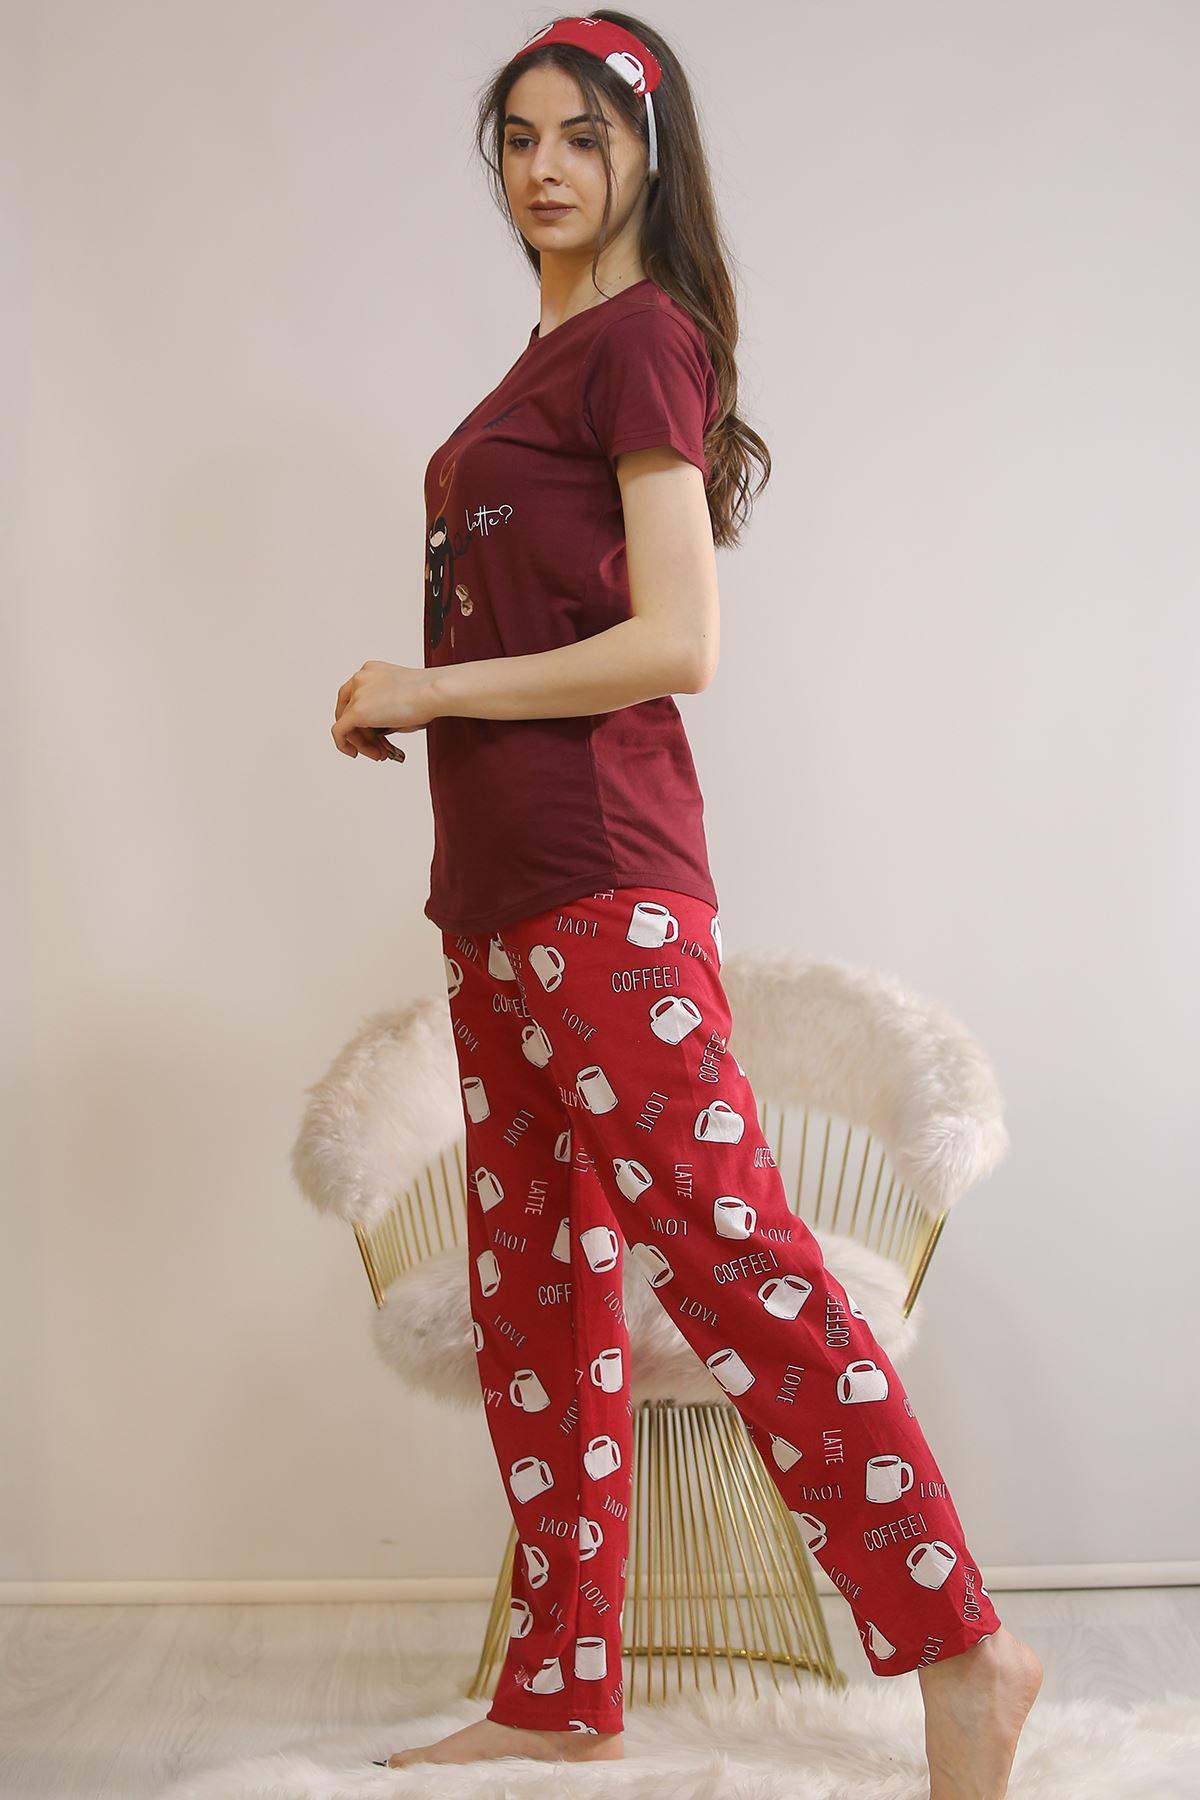 Baskılı Pijama Takımı Bordo - 21443.1059.